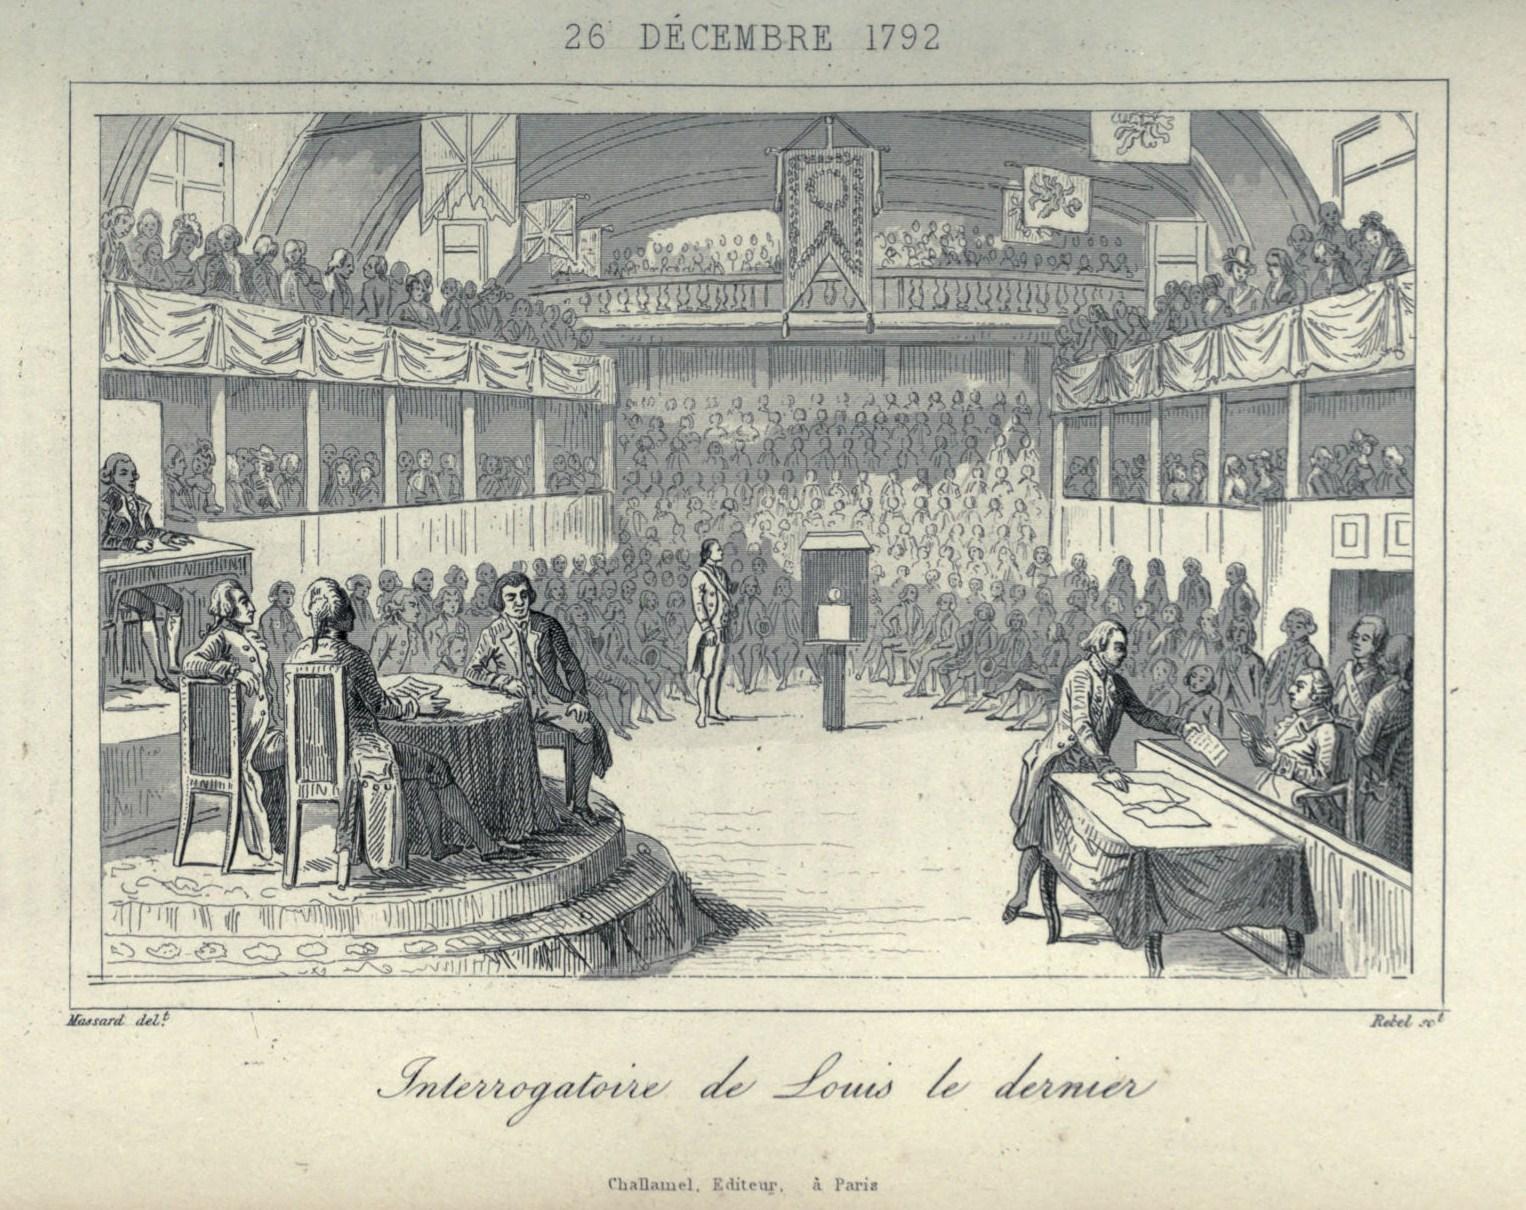 Procès de Louis XVI. © Auteur inconnu. Extrait « Histoire-musée de la république Française, depuis l'assemblée des notables», d'Augustin Challamel, Paris, Delloye, 1842.